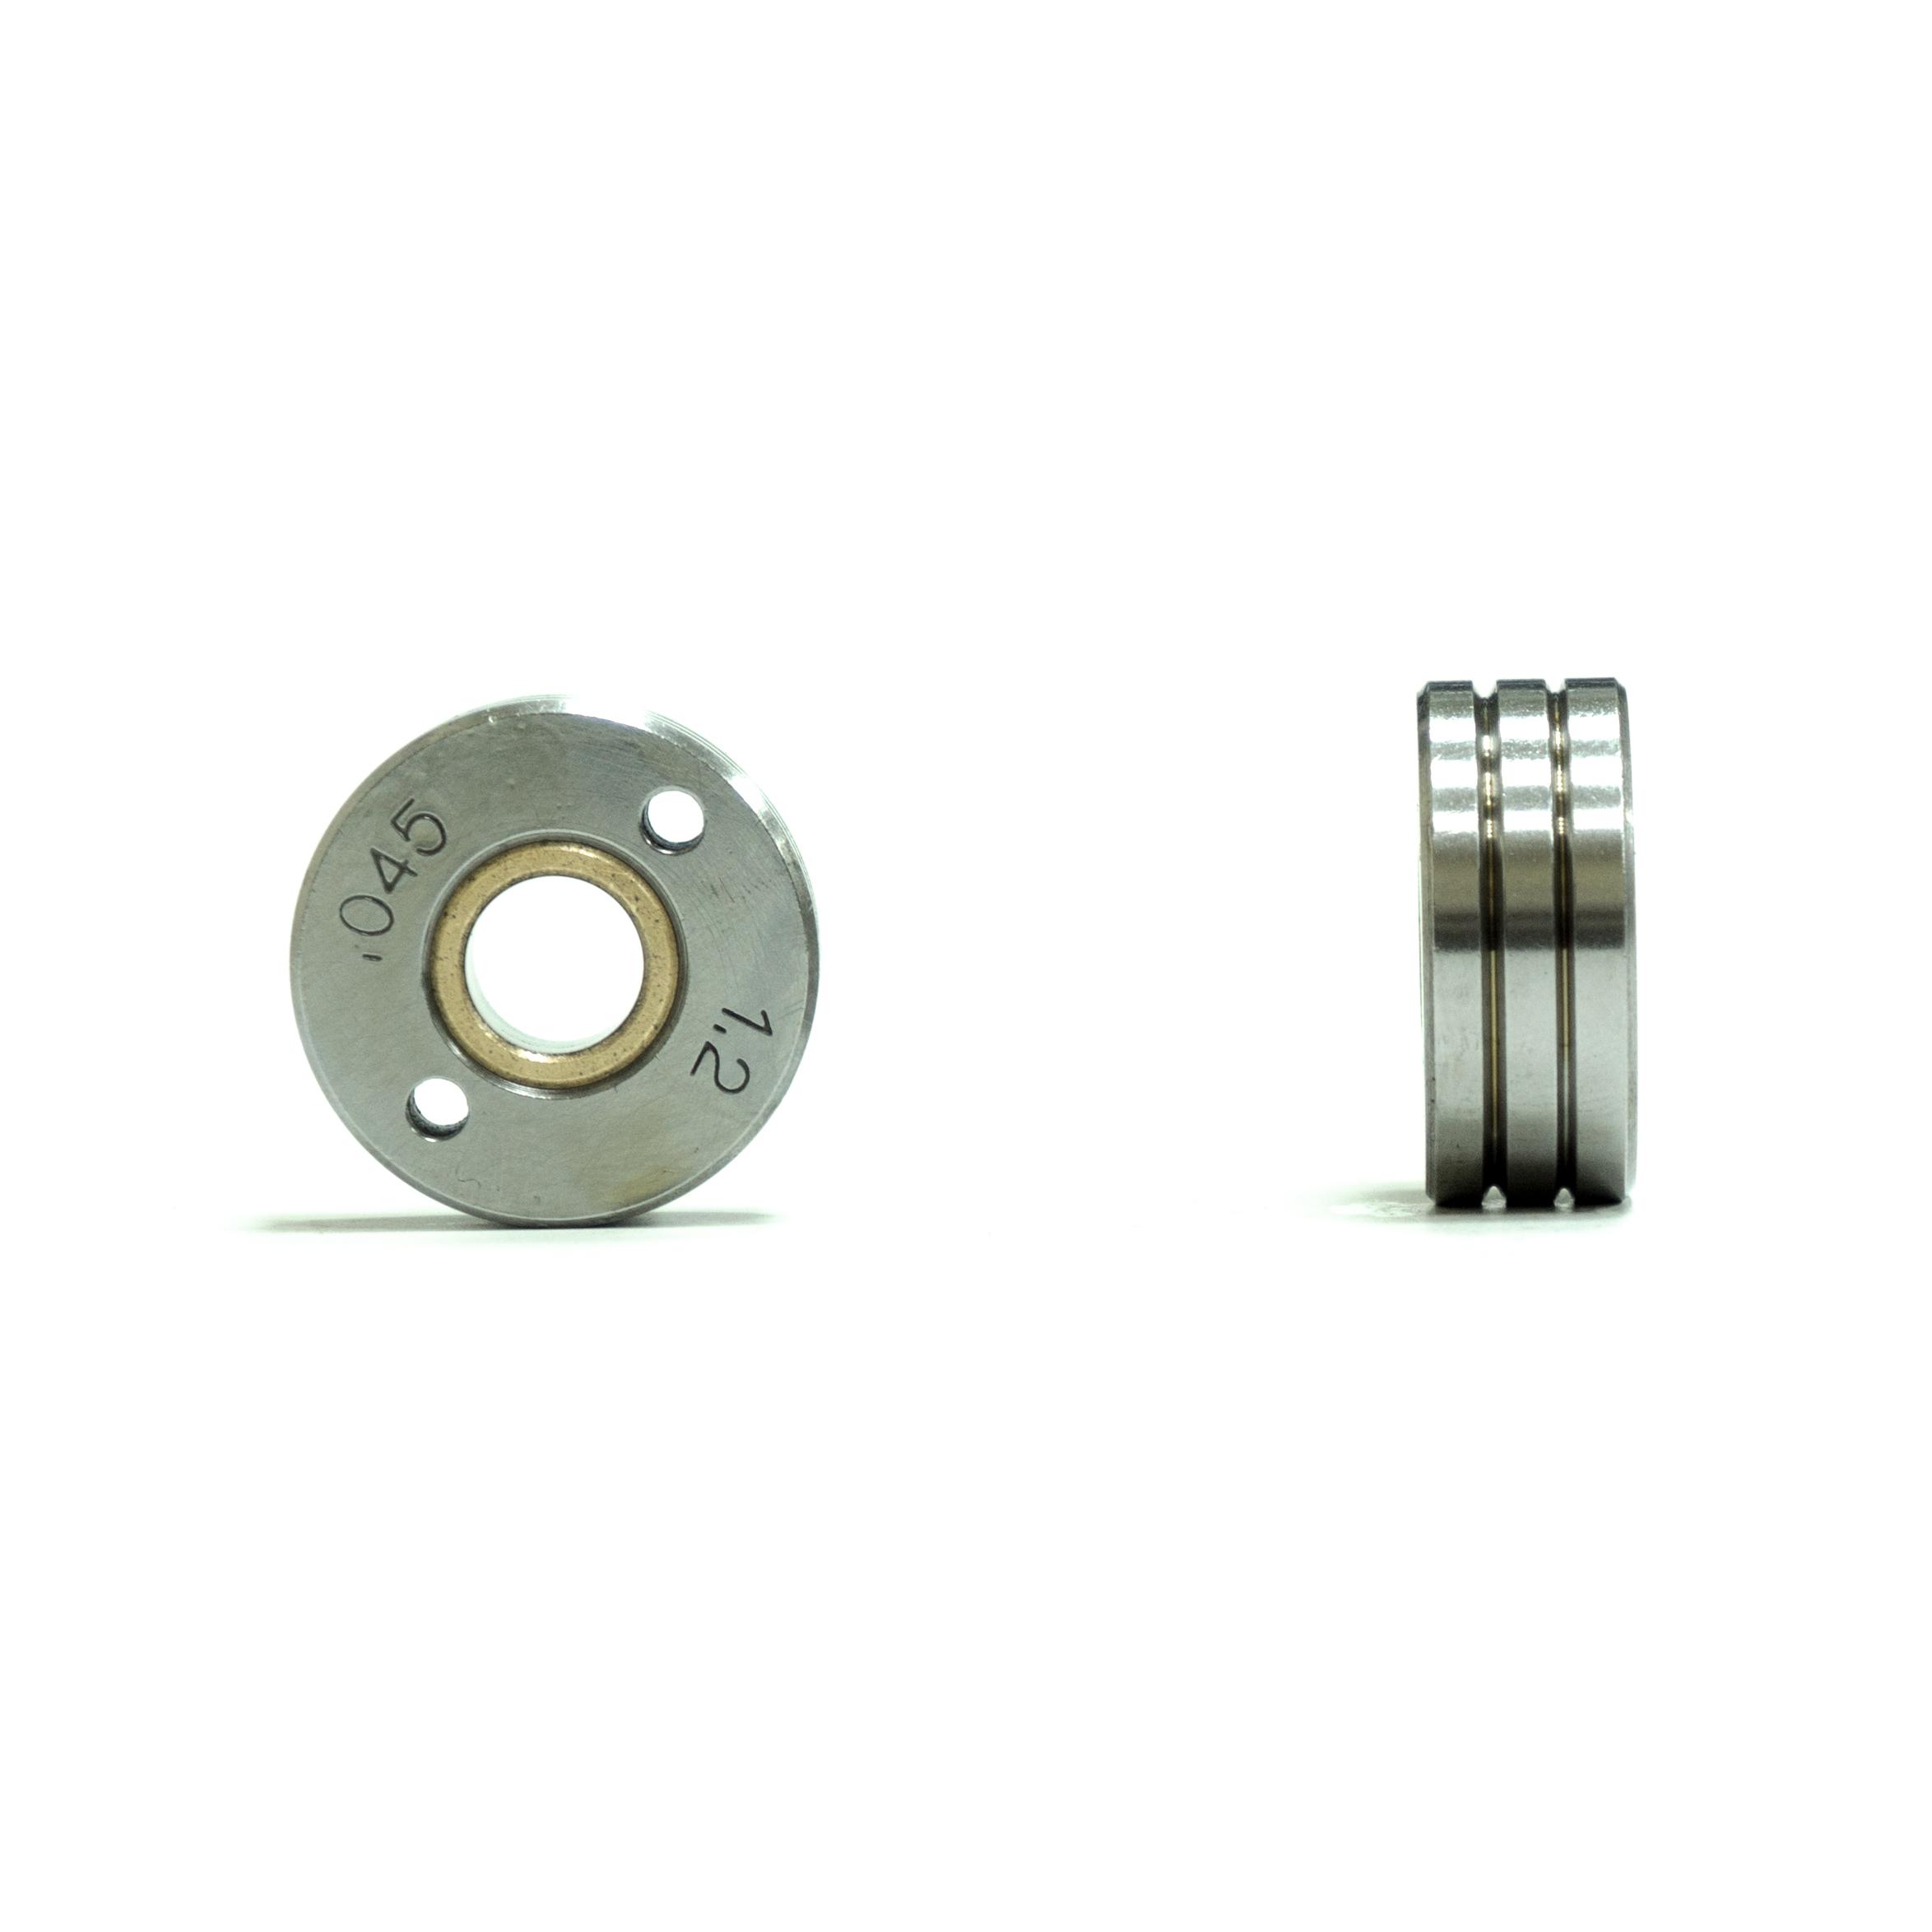 Ролик сталь 1.0-1.2мм /SKYWAY 300-330